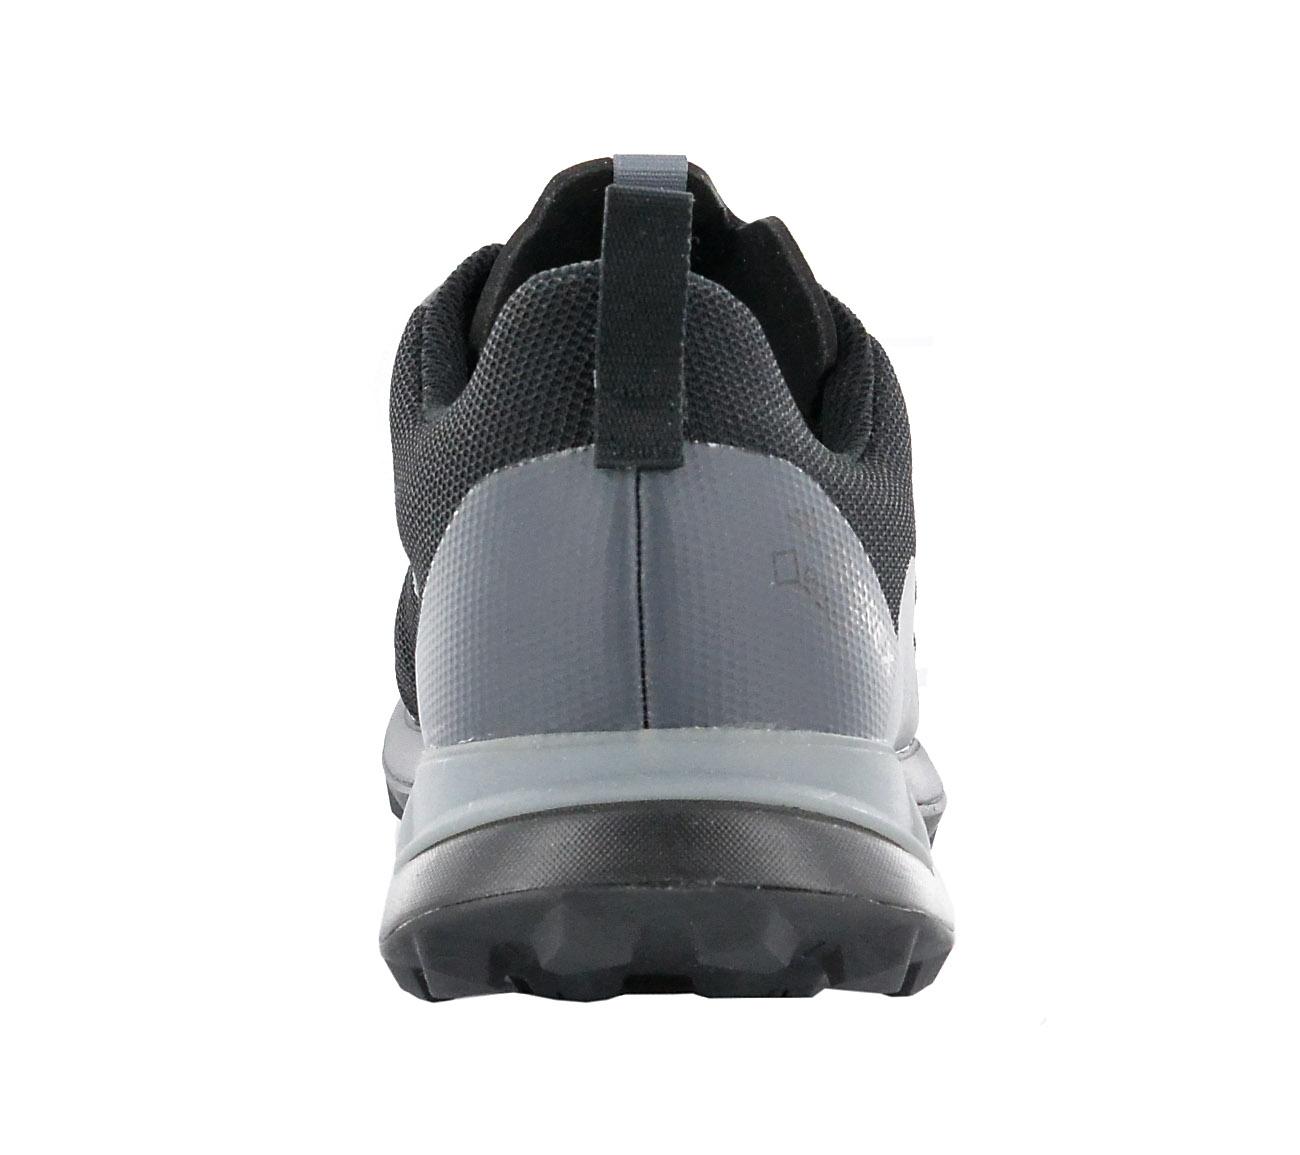 Detalles de Adidas Terrex Cmtk GTX Gore tex Zapatos Negro Hombre Senderismo Trail